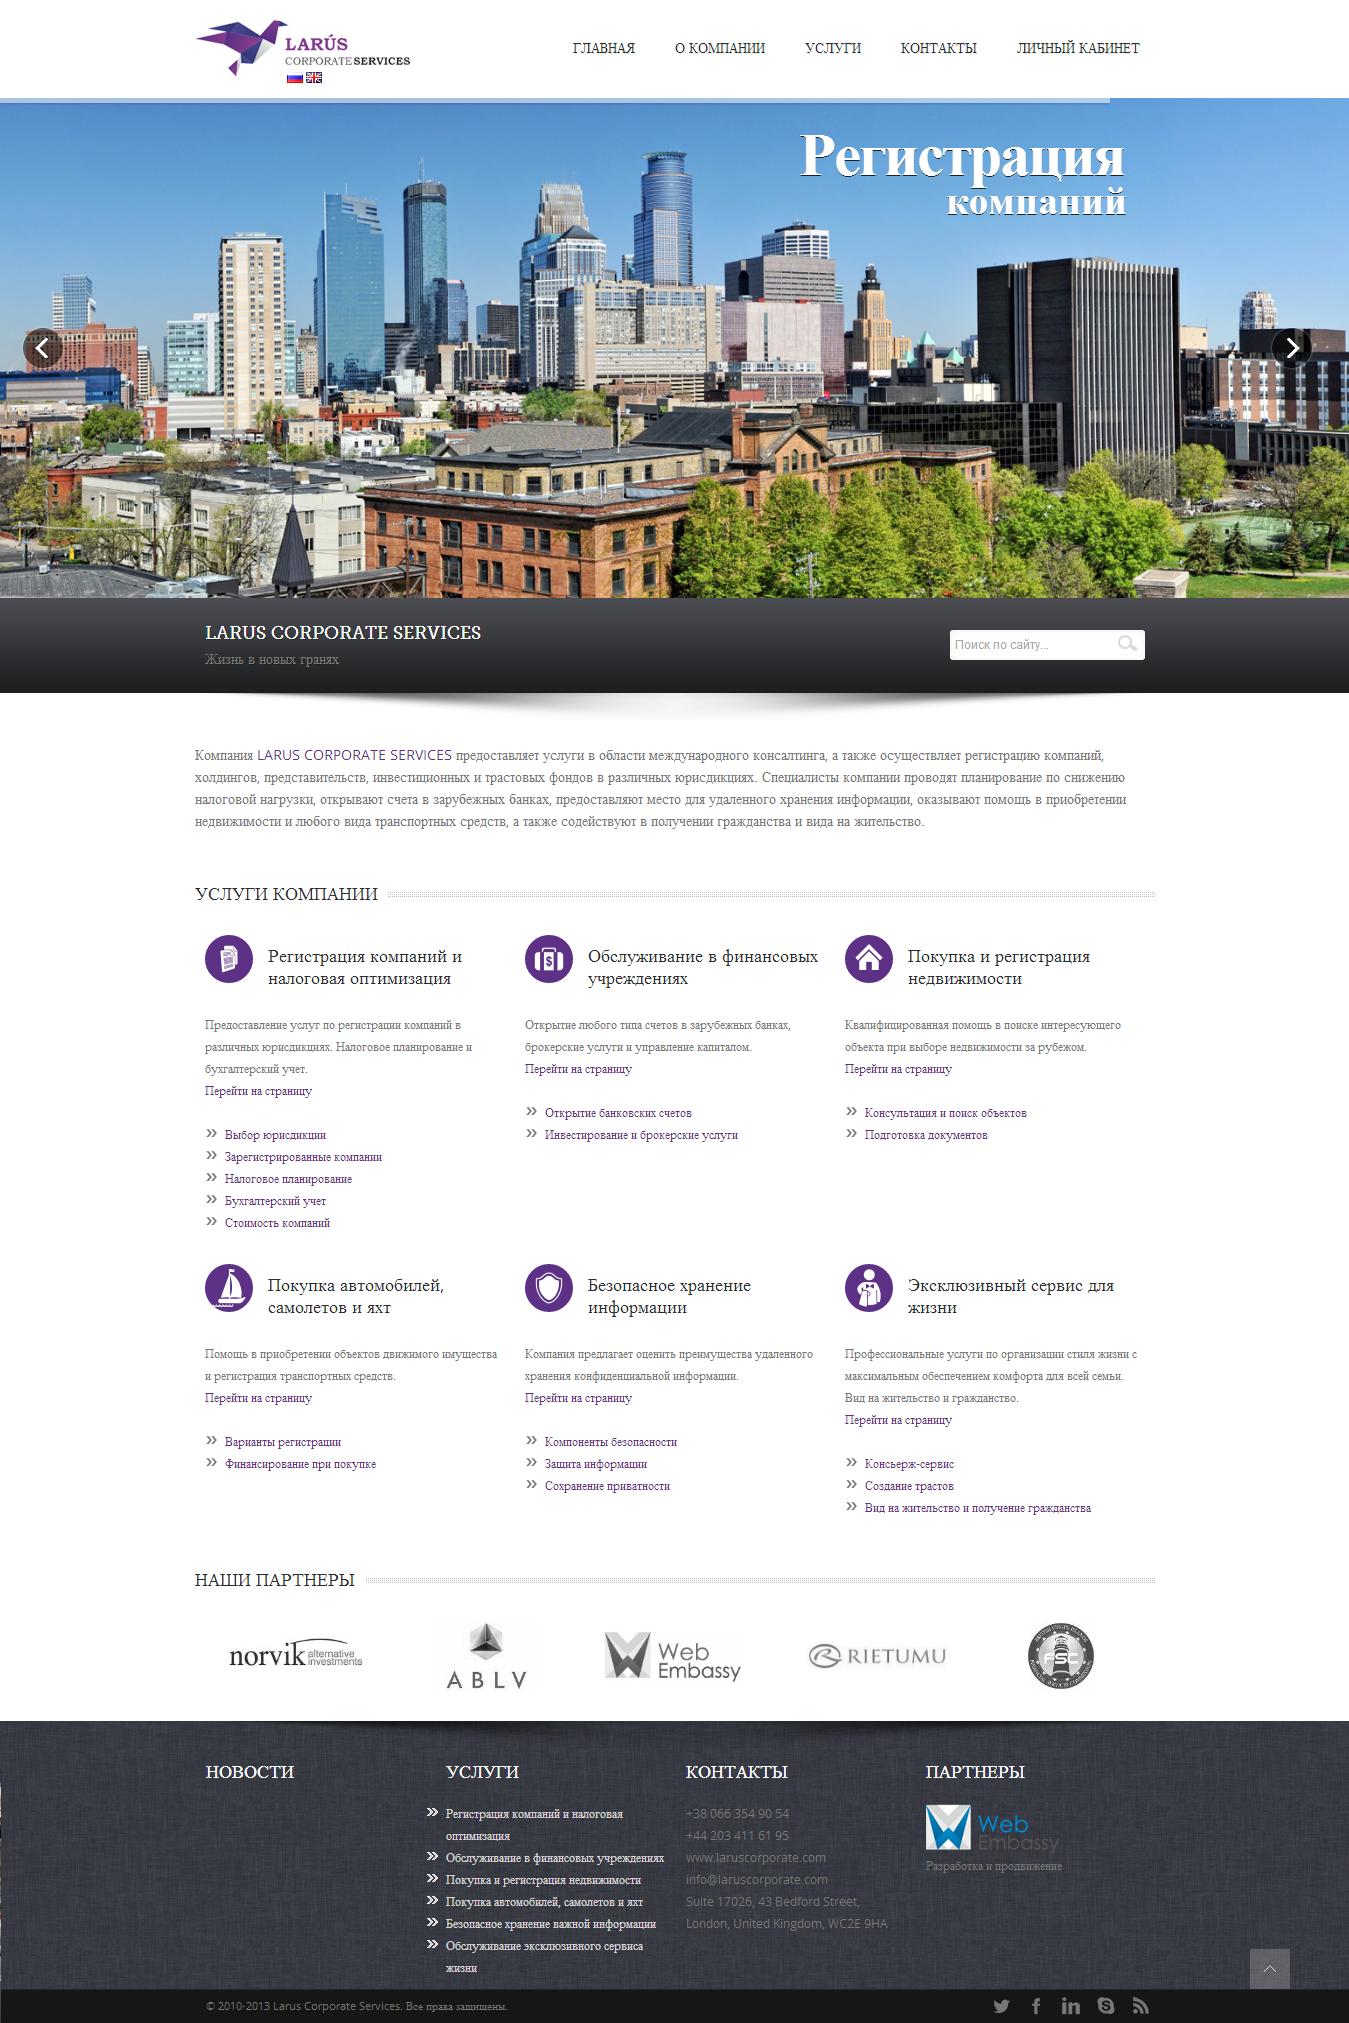 Создание веб-сайта для финансовой компании Larus Corporate Services, разработка адаптивного дизайна сайта